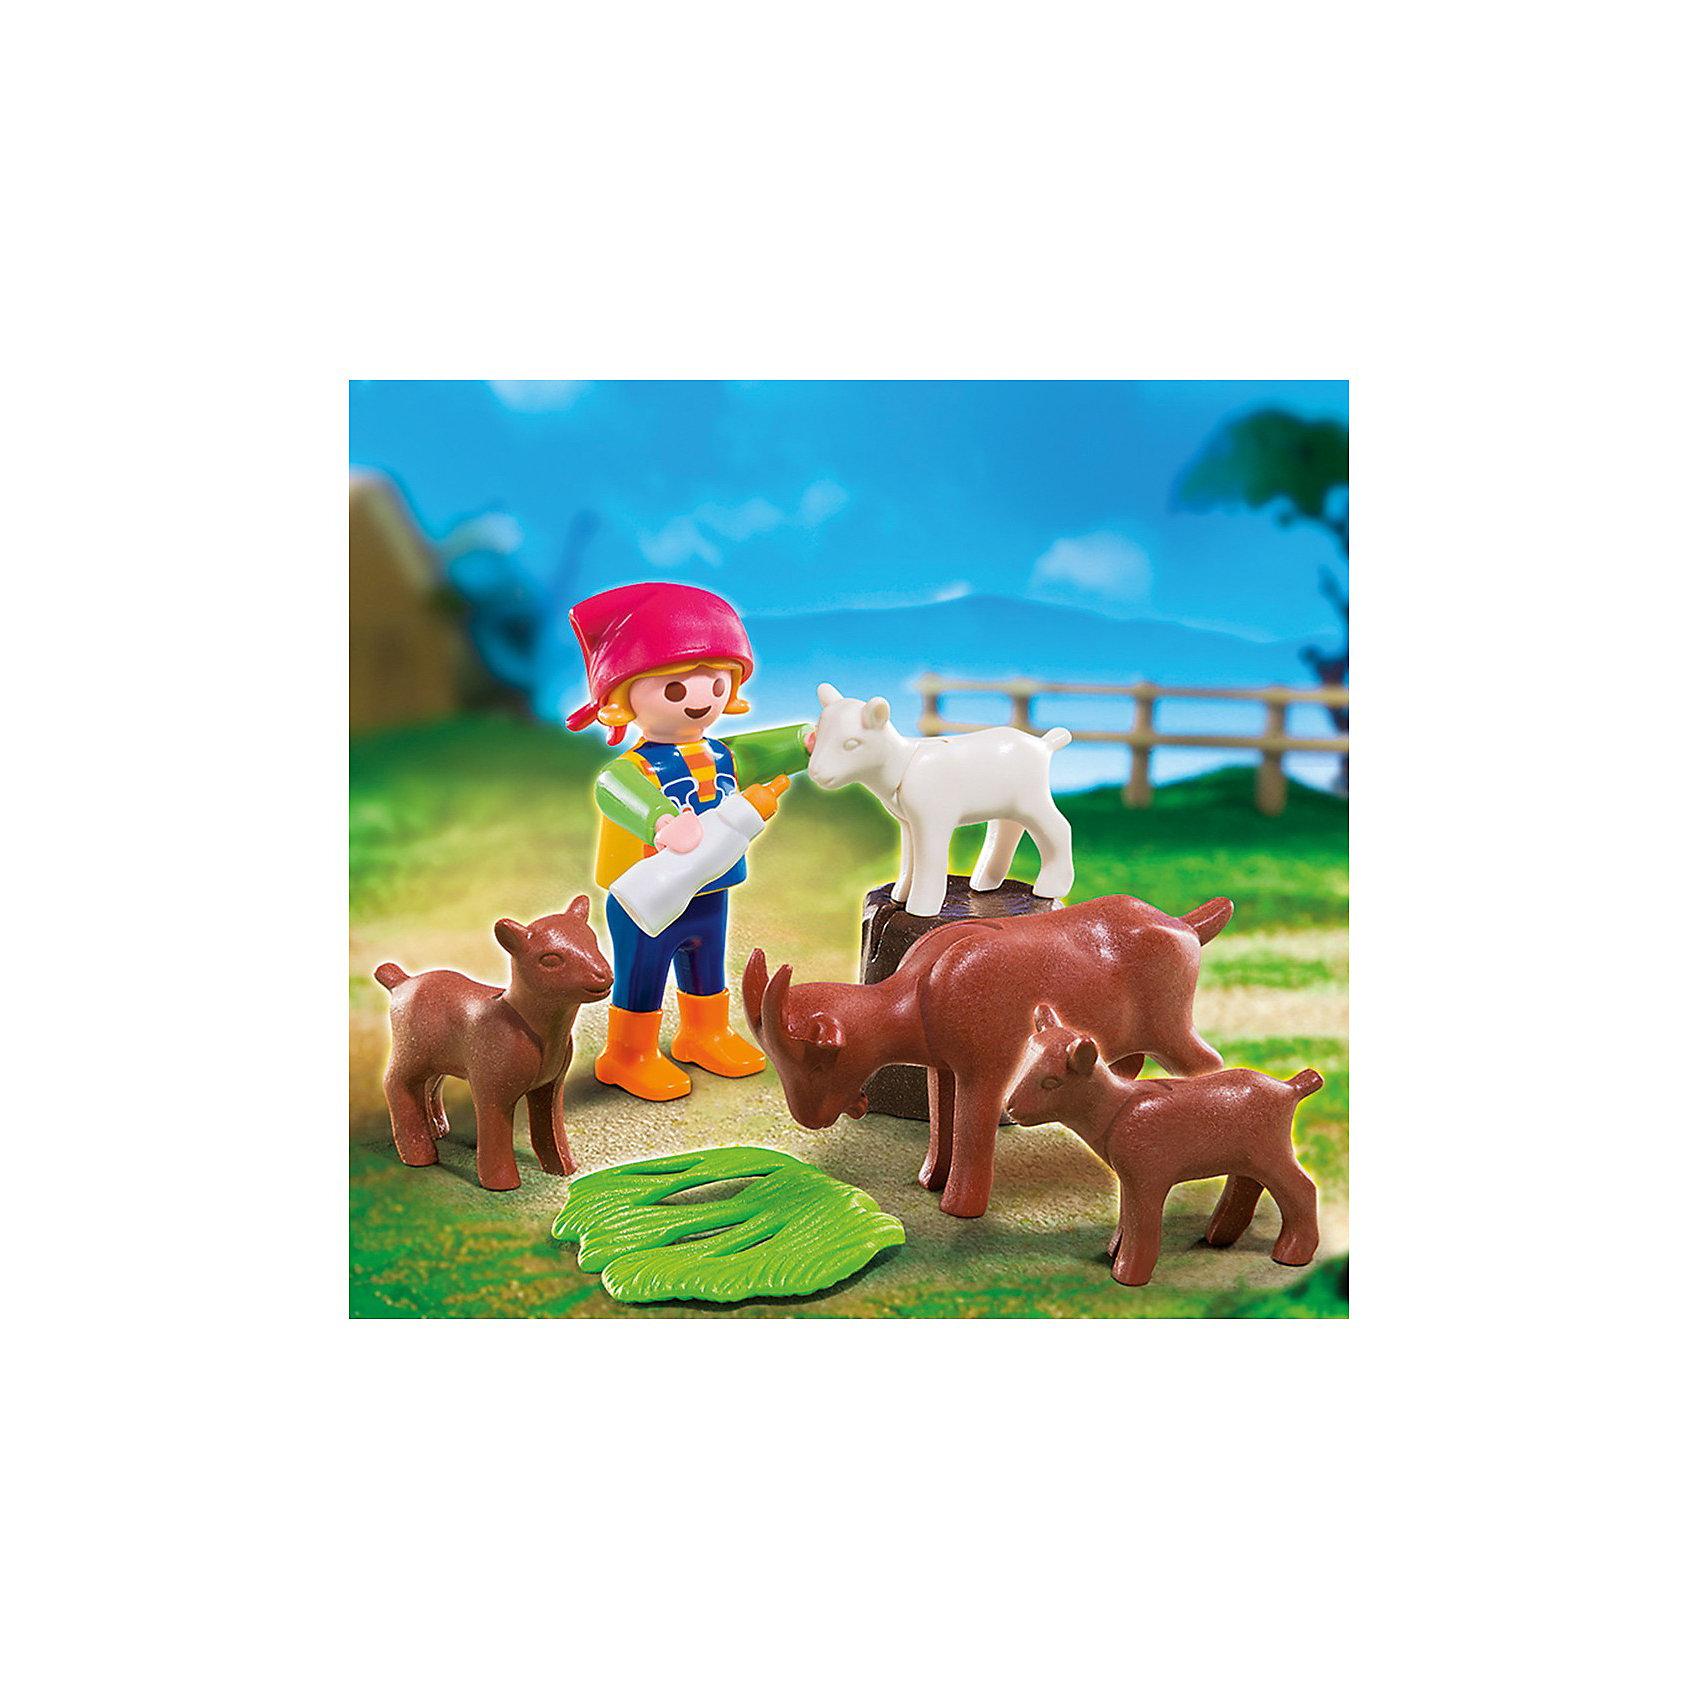 PLAYMOBIL® PLAYMOBIL 4785 Дополнение: Девочка с козлятами playmobil ферма золотые ретриверы с щенками